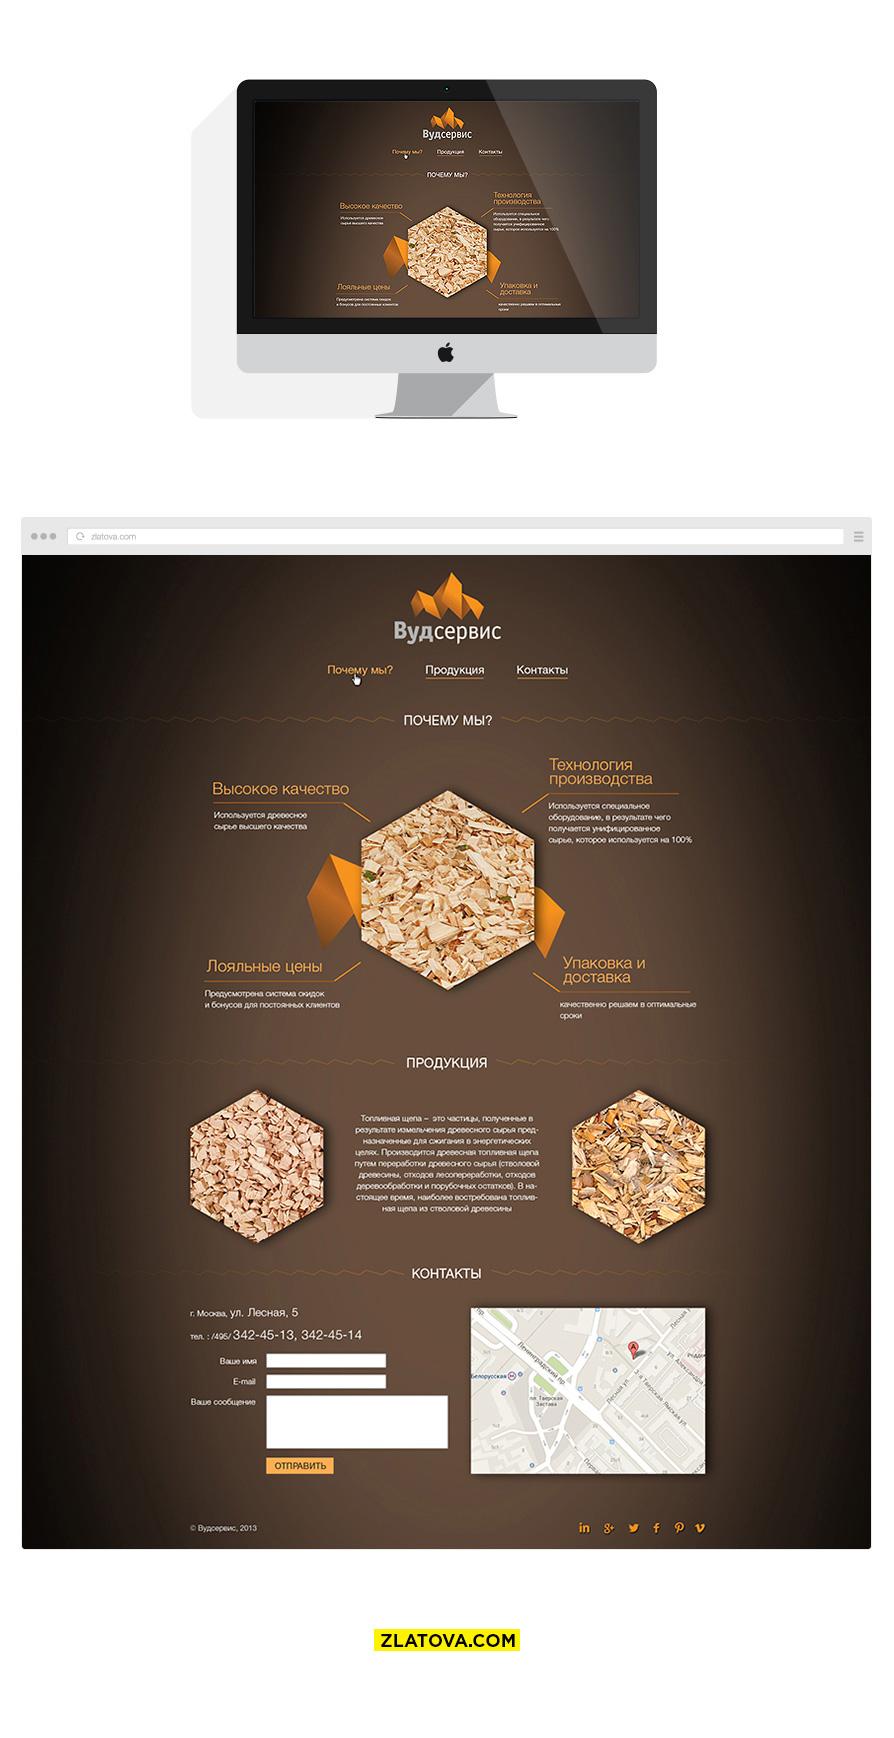 Вудсервис — производство топливной щепы